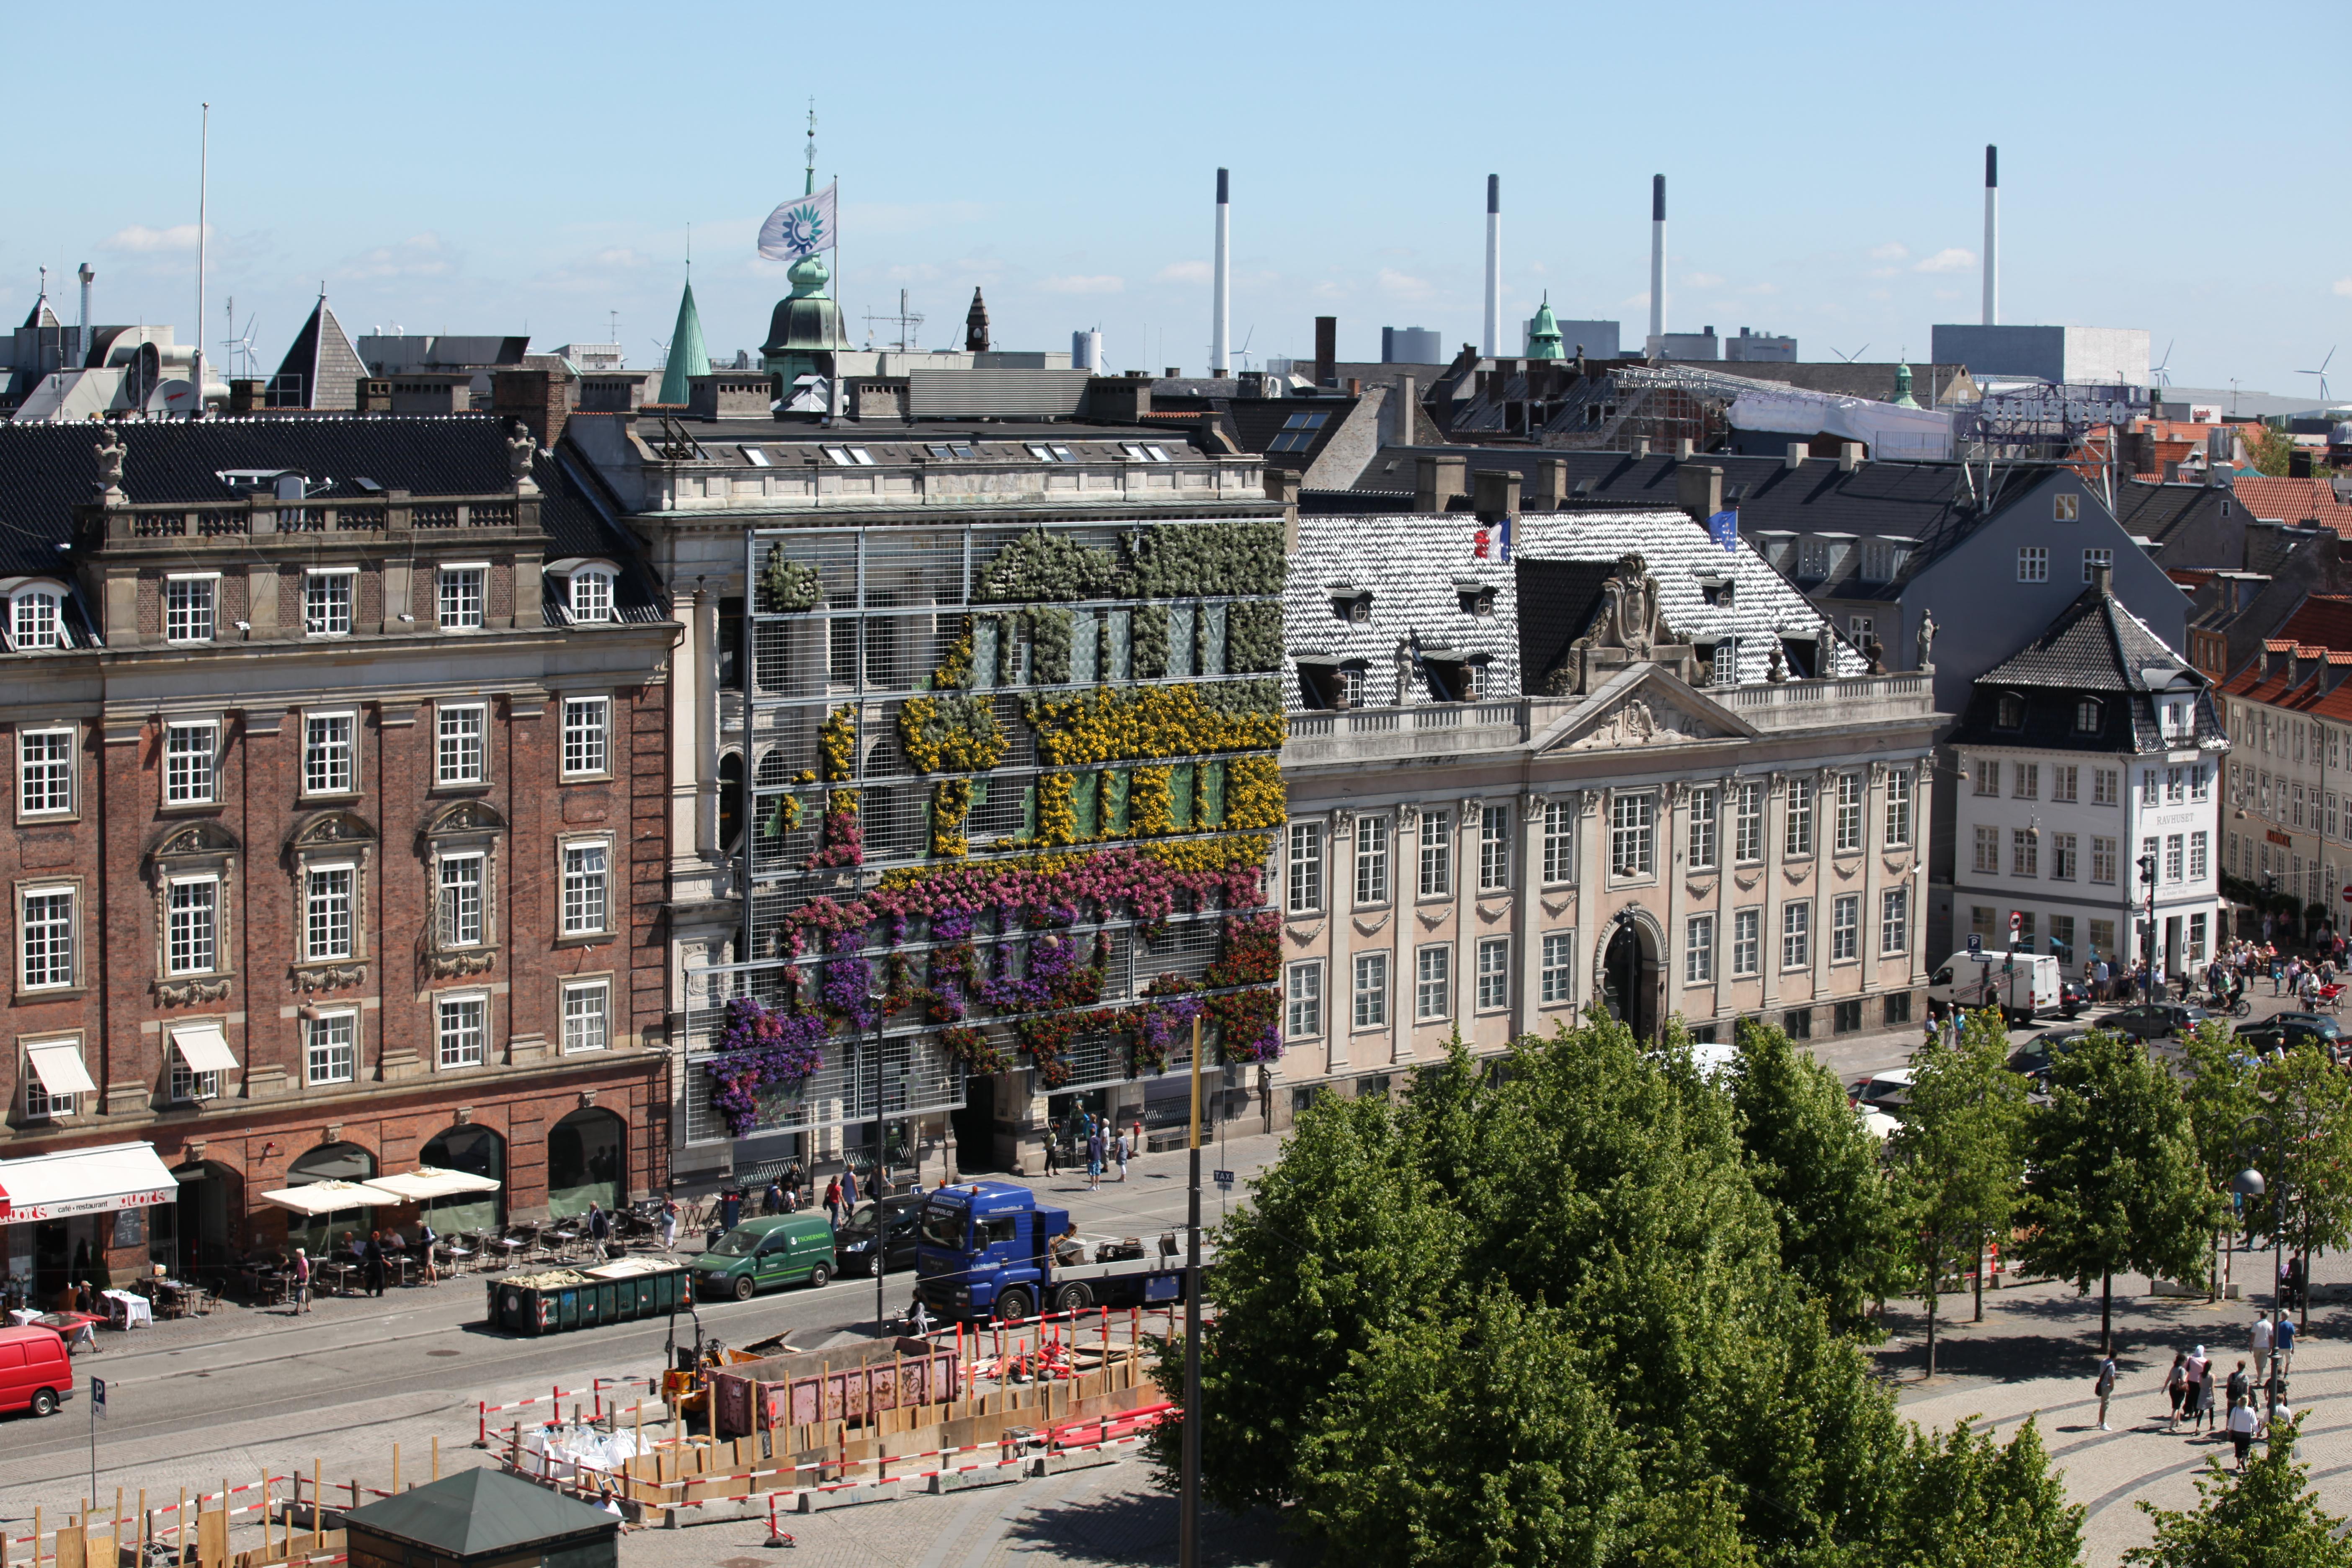 Living facade at the European Environment Agency